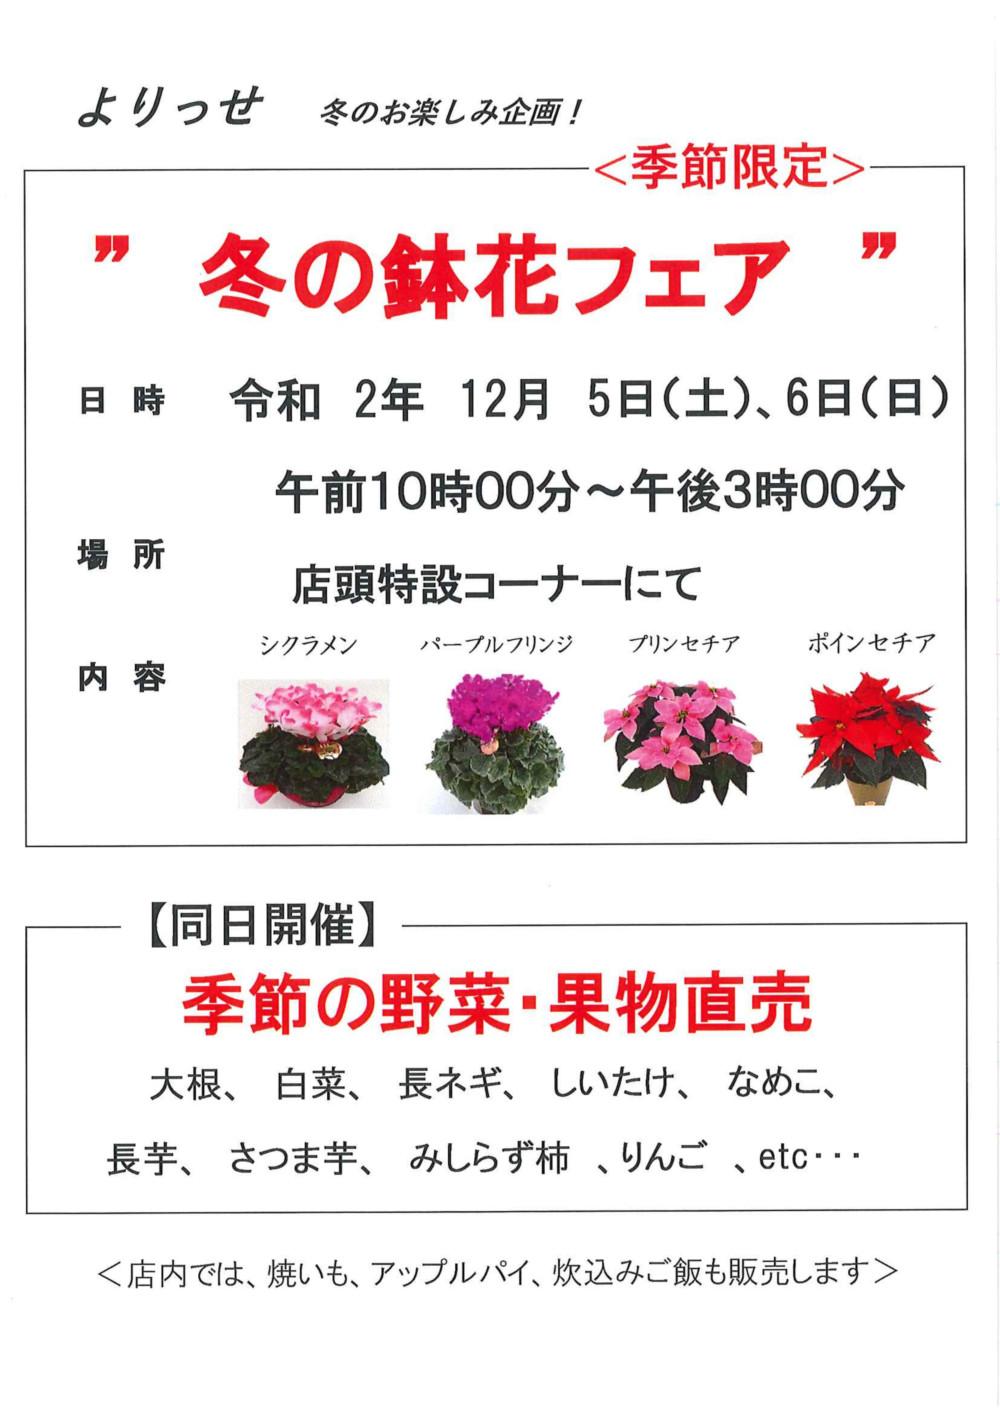 道の駅にしあいづ 冬の花鉢フェア